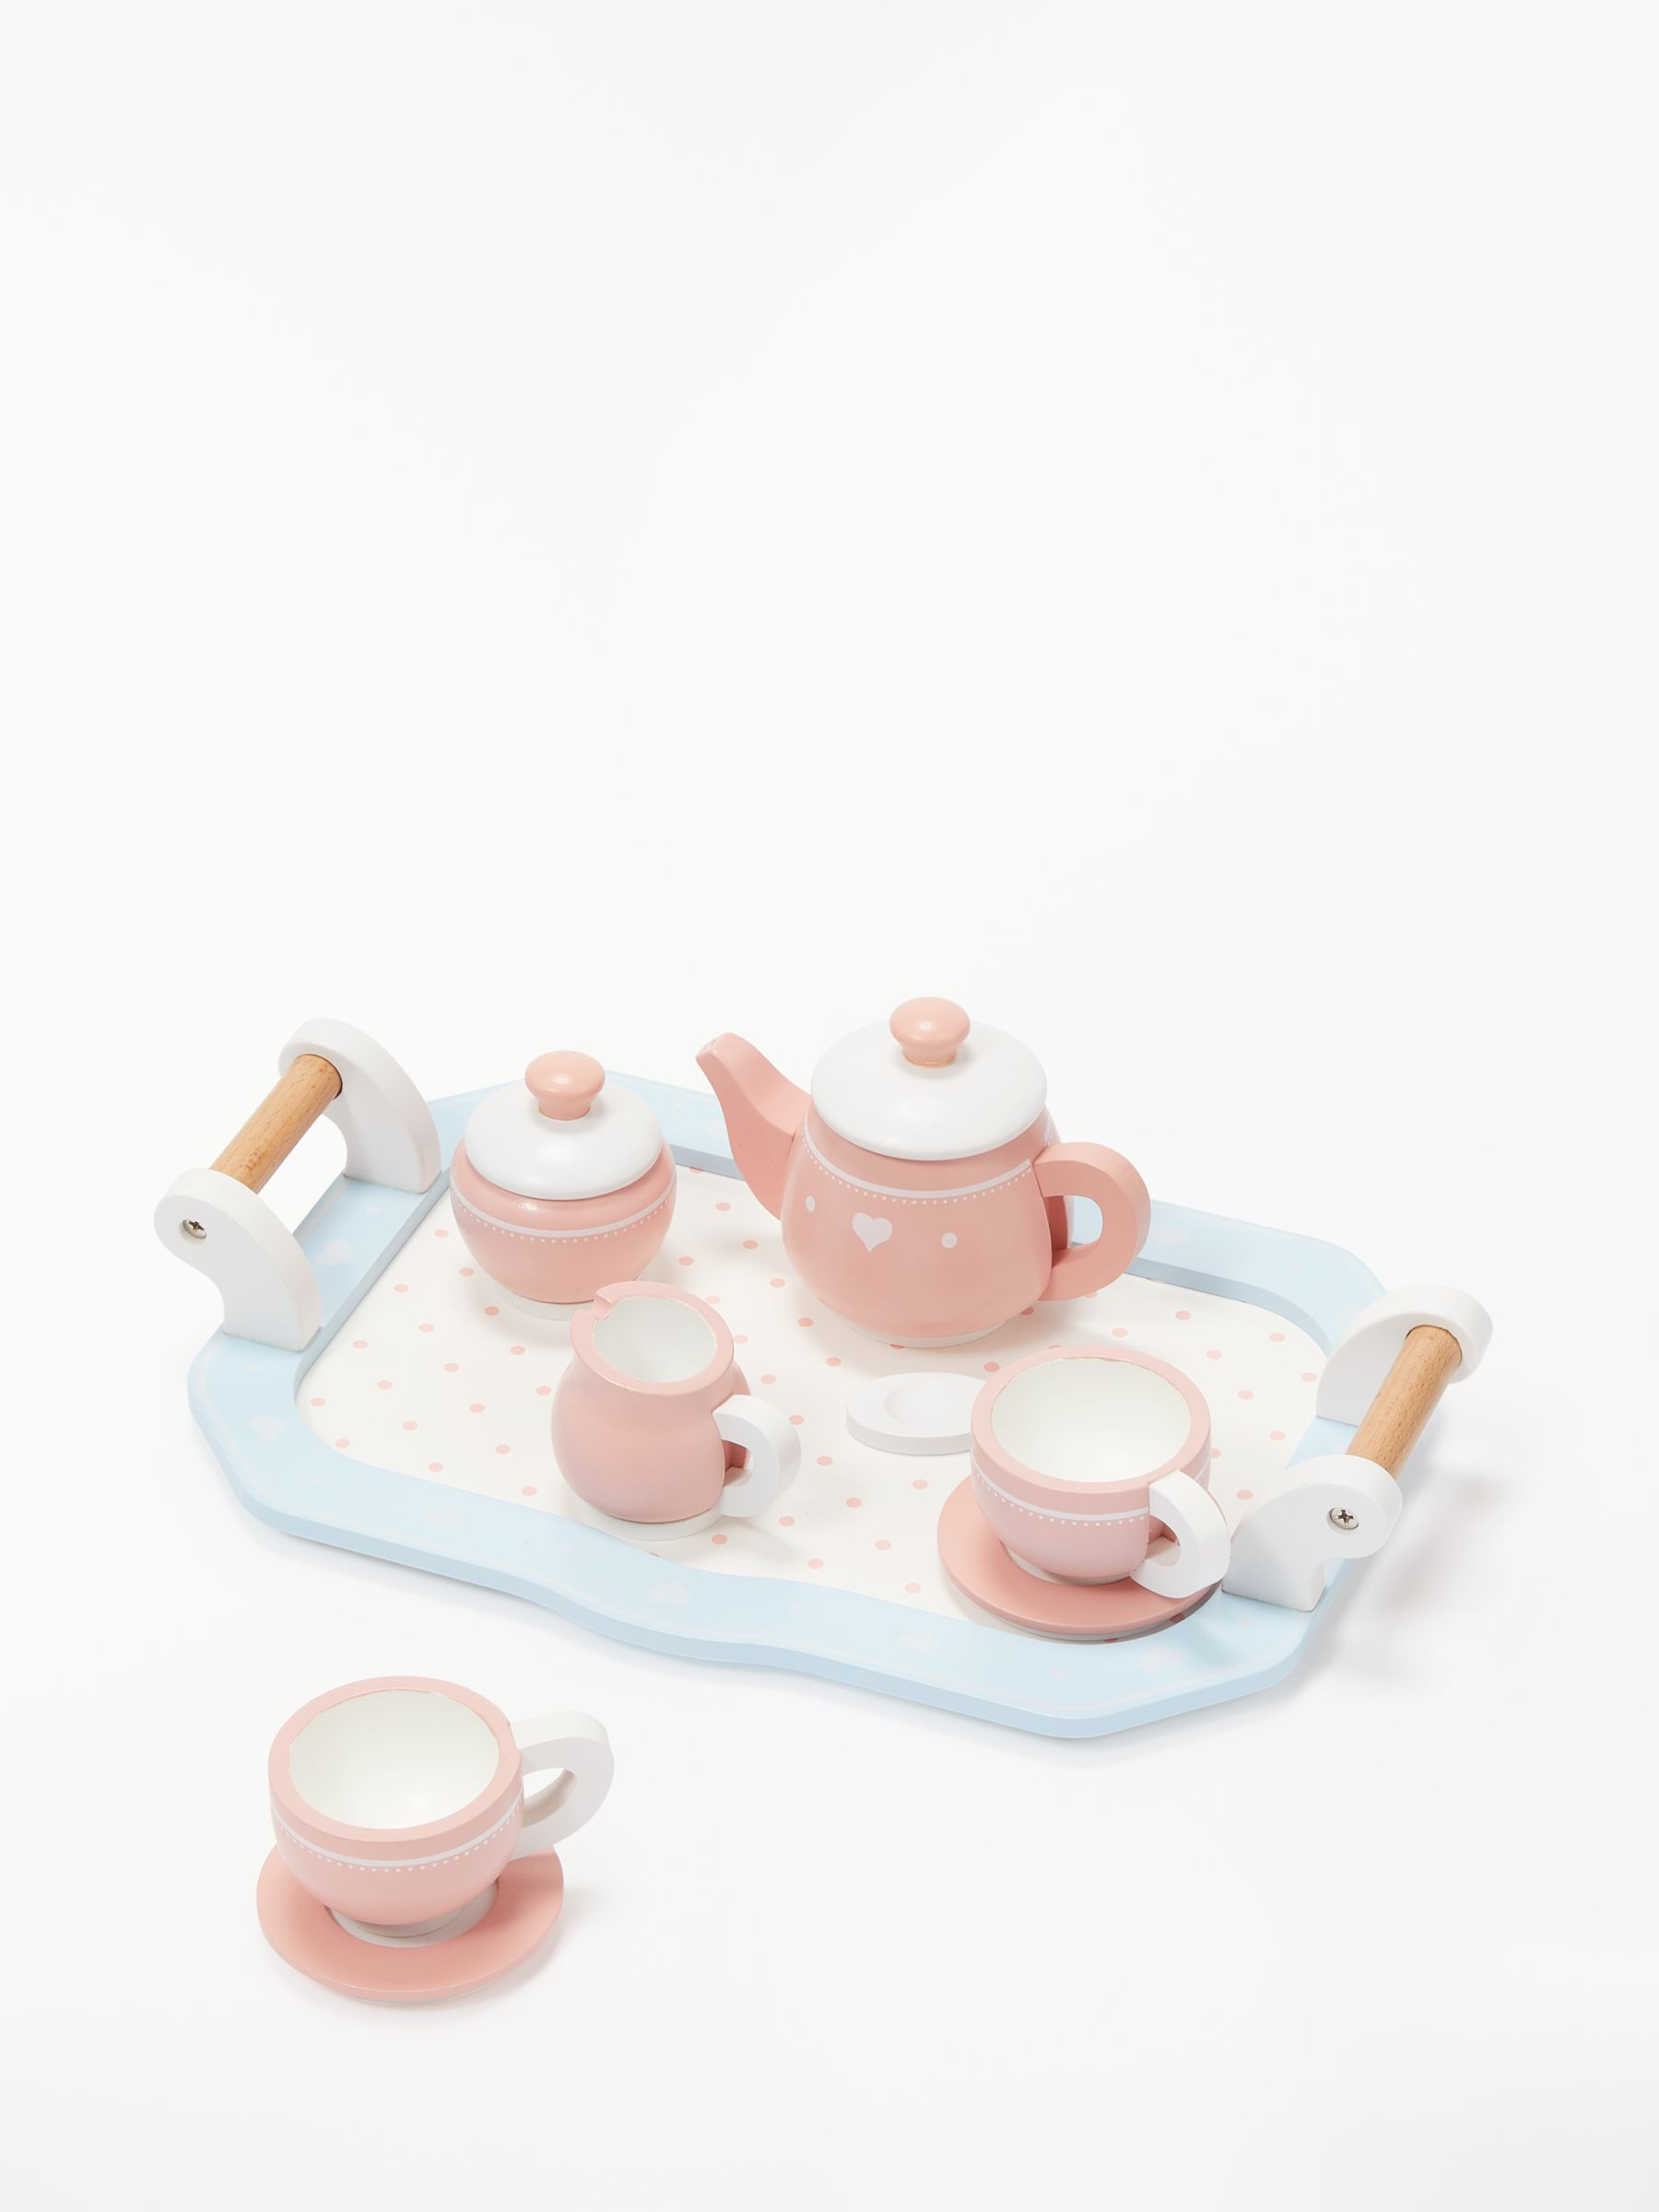 Baby Gift Set John Lewis : John lewis wooden toy tea set octer ?